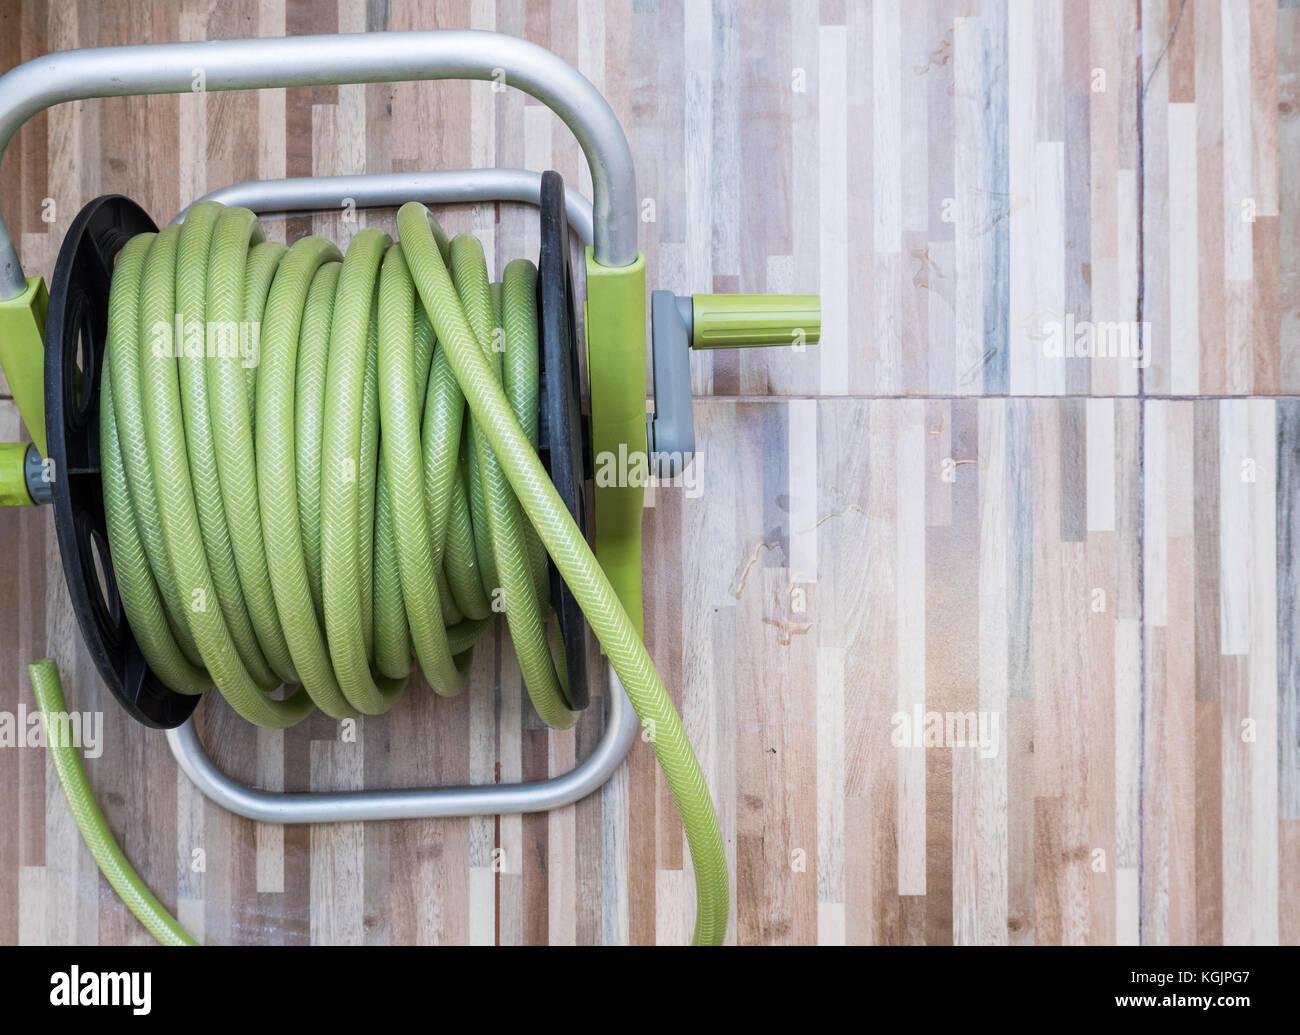 Piastrelle Verdi Plastica Giardino : Verde flessibile in gomma dell aspo in plastica impostato sul